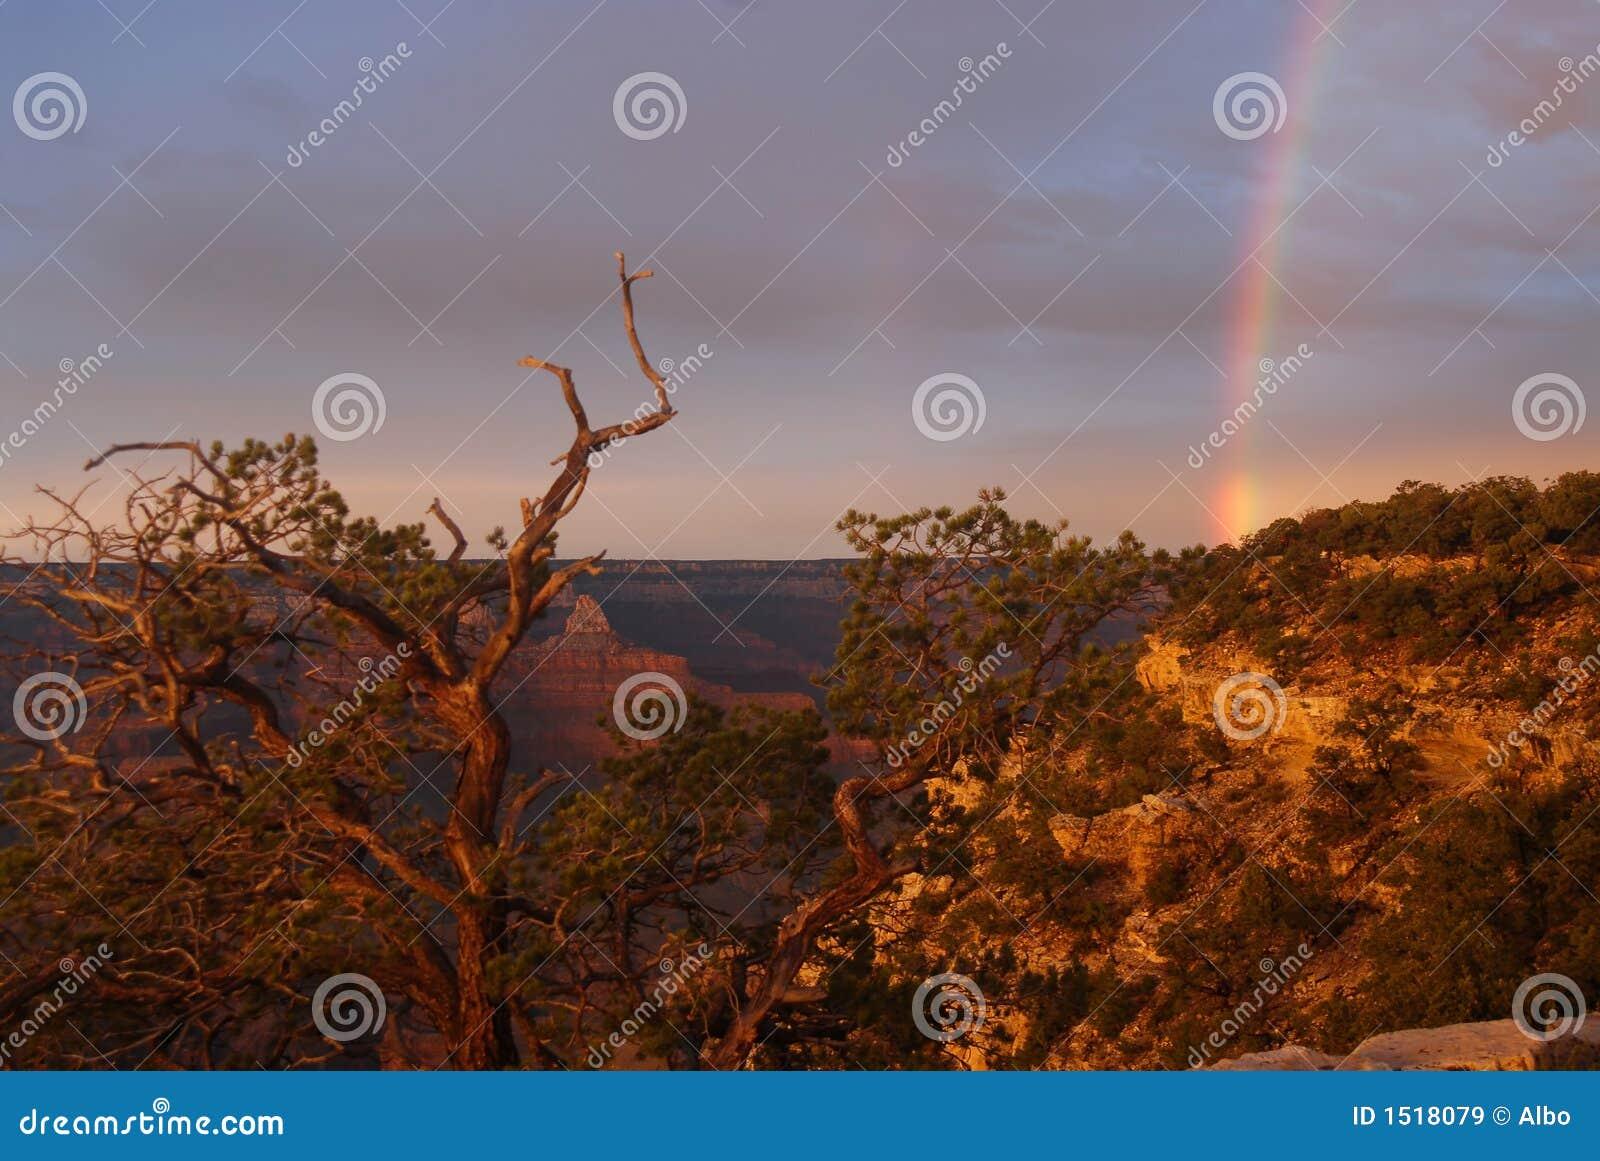 Regenboog bij Grote Canion